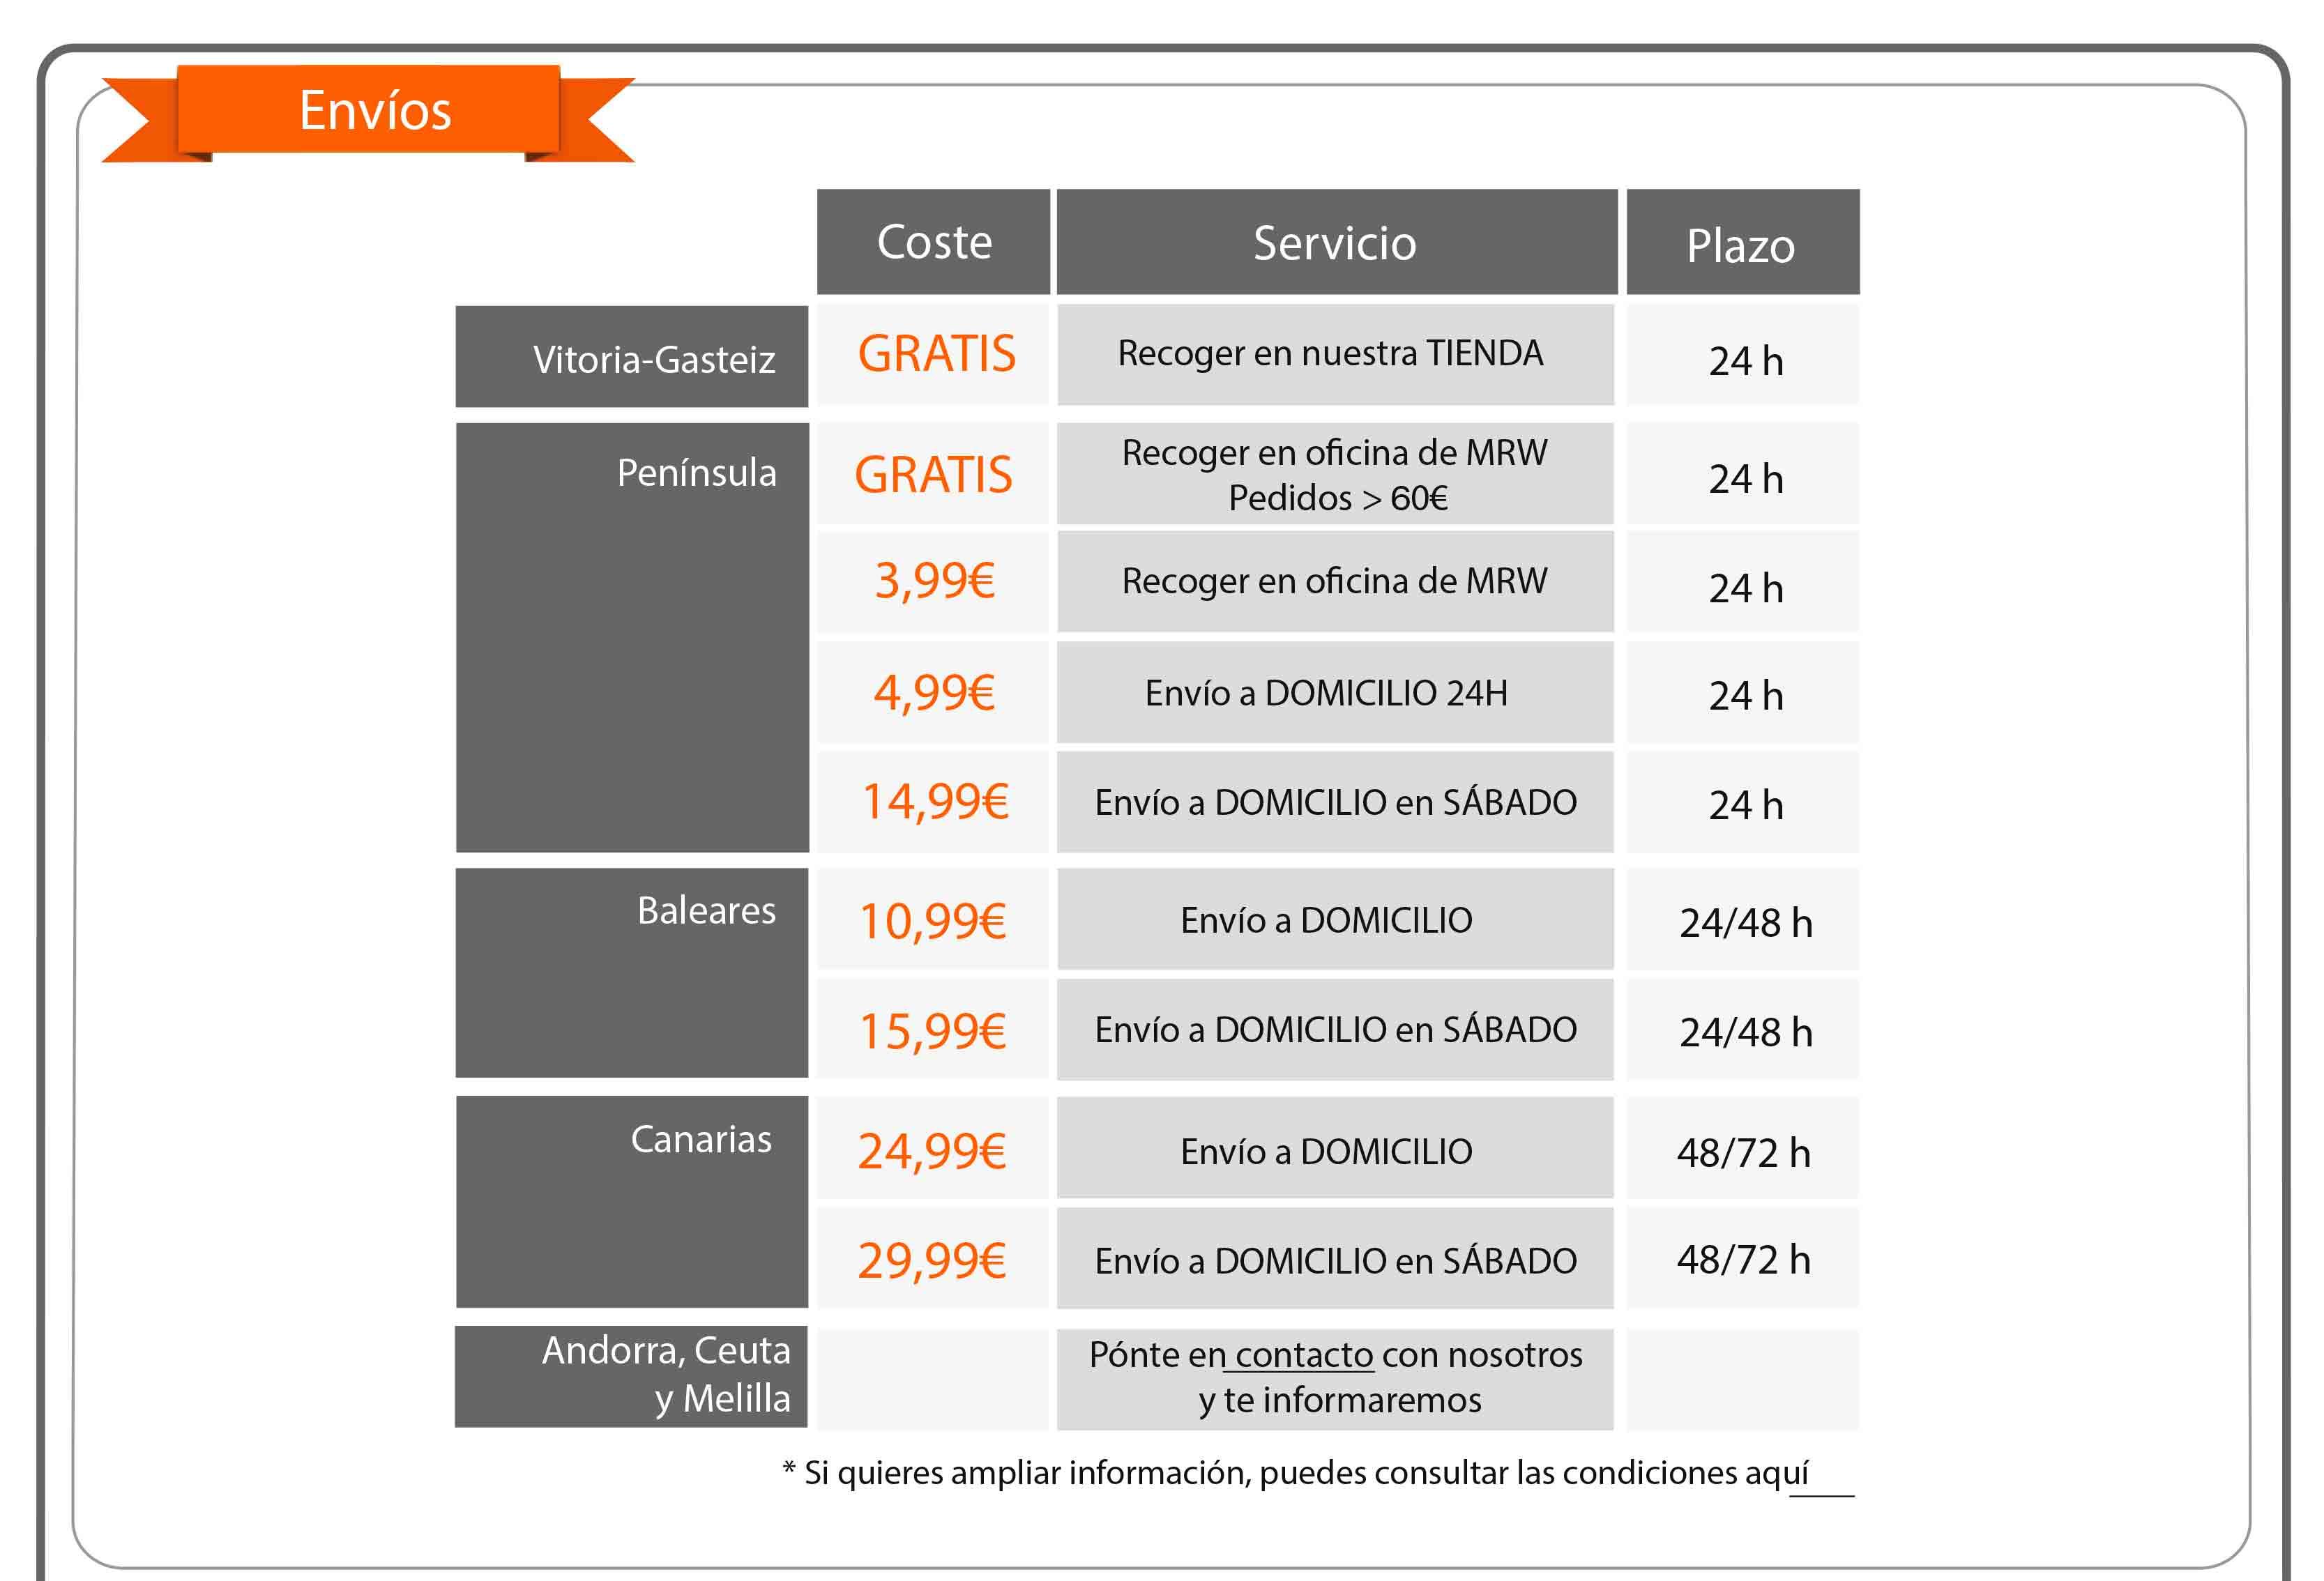 resumen de los precios de los diferentes servicios de envio